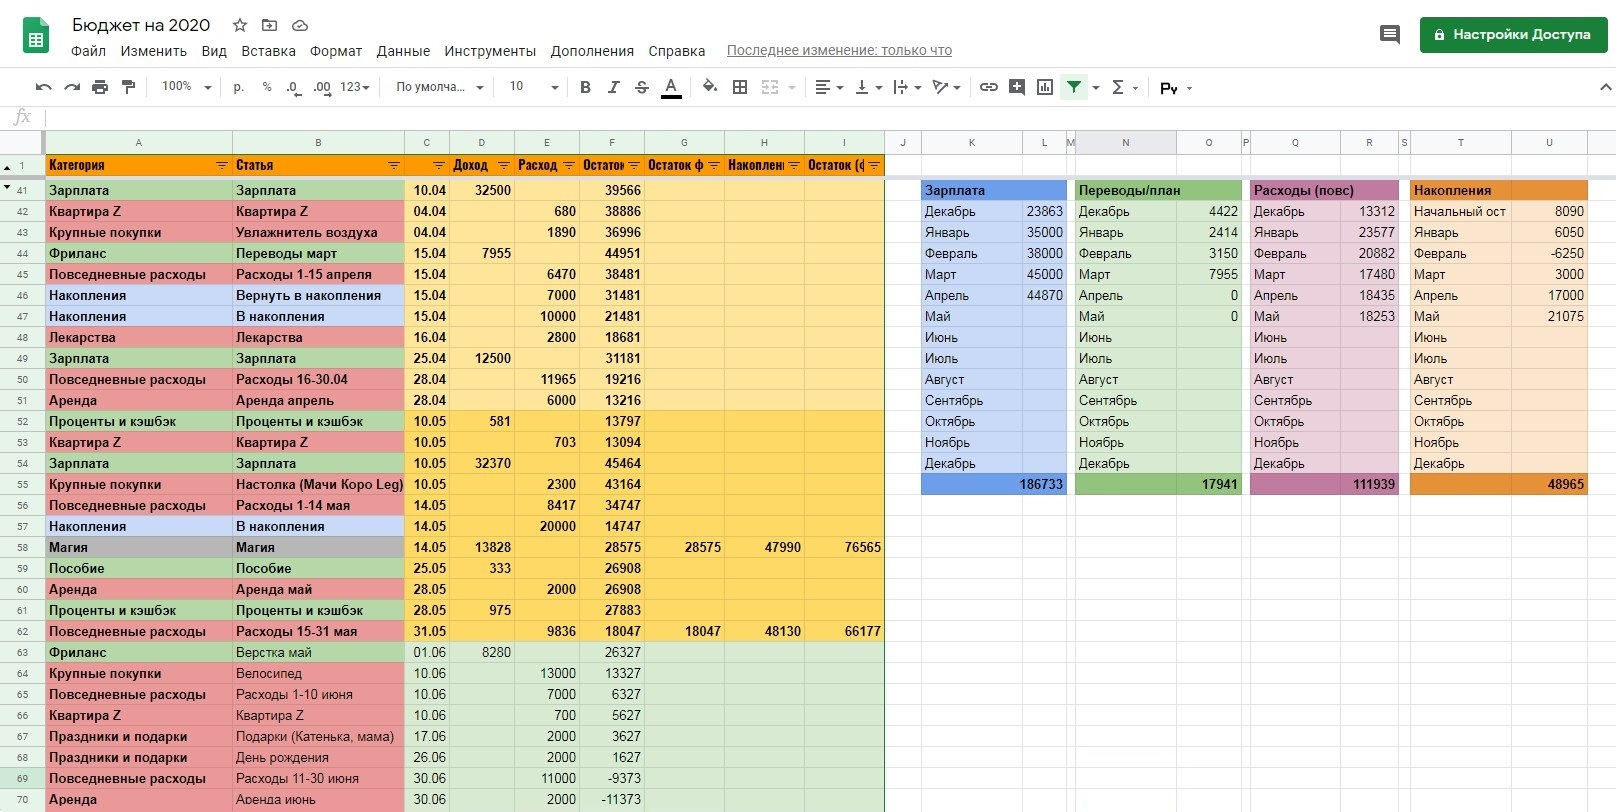 Таблица с бюджетом на три месяца: еще рабочий апрель, безработные май и июнь. В каждой строке считается остаток после соответствующего дохода/расхода. Рядом я в мае начала писать фактический остаток на руках и на накопительном счете и общий итог. Справа втаблице выводятся суммы за месяц по интересным мне статьям. Так, уменя есть цель нагод позаработку на переводах и посумме накоплений, выполнение которой я отслеживаю по этим таблицам